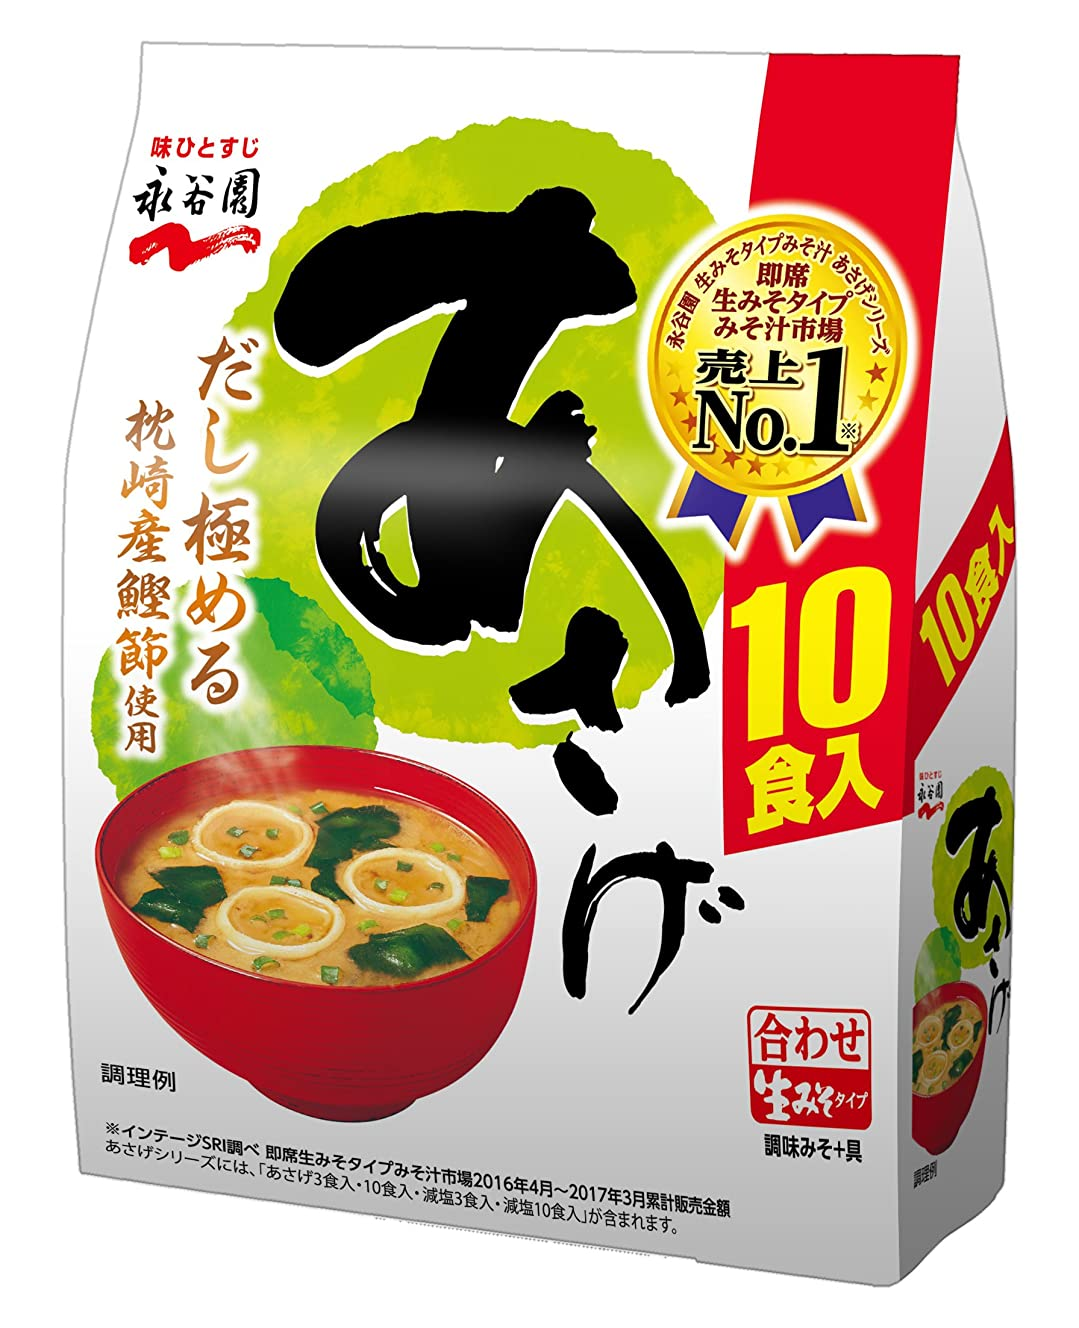 世界記録のギネスブックぬれた採用するひかり味噌 野菜と海藻を食べるおみそ汁 6食×4個